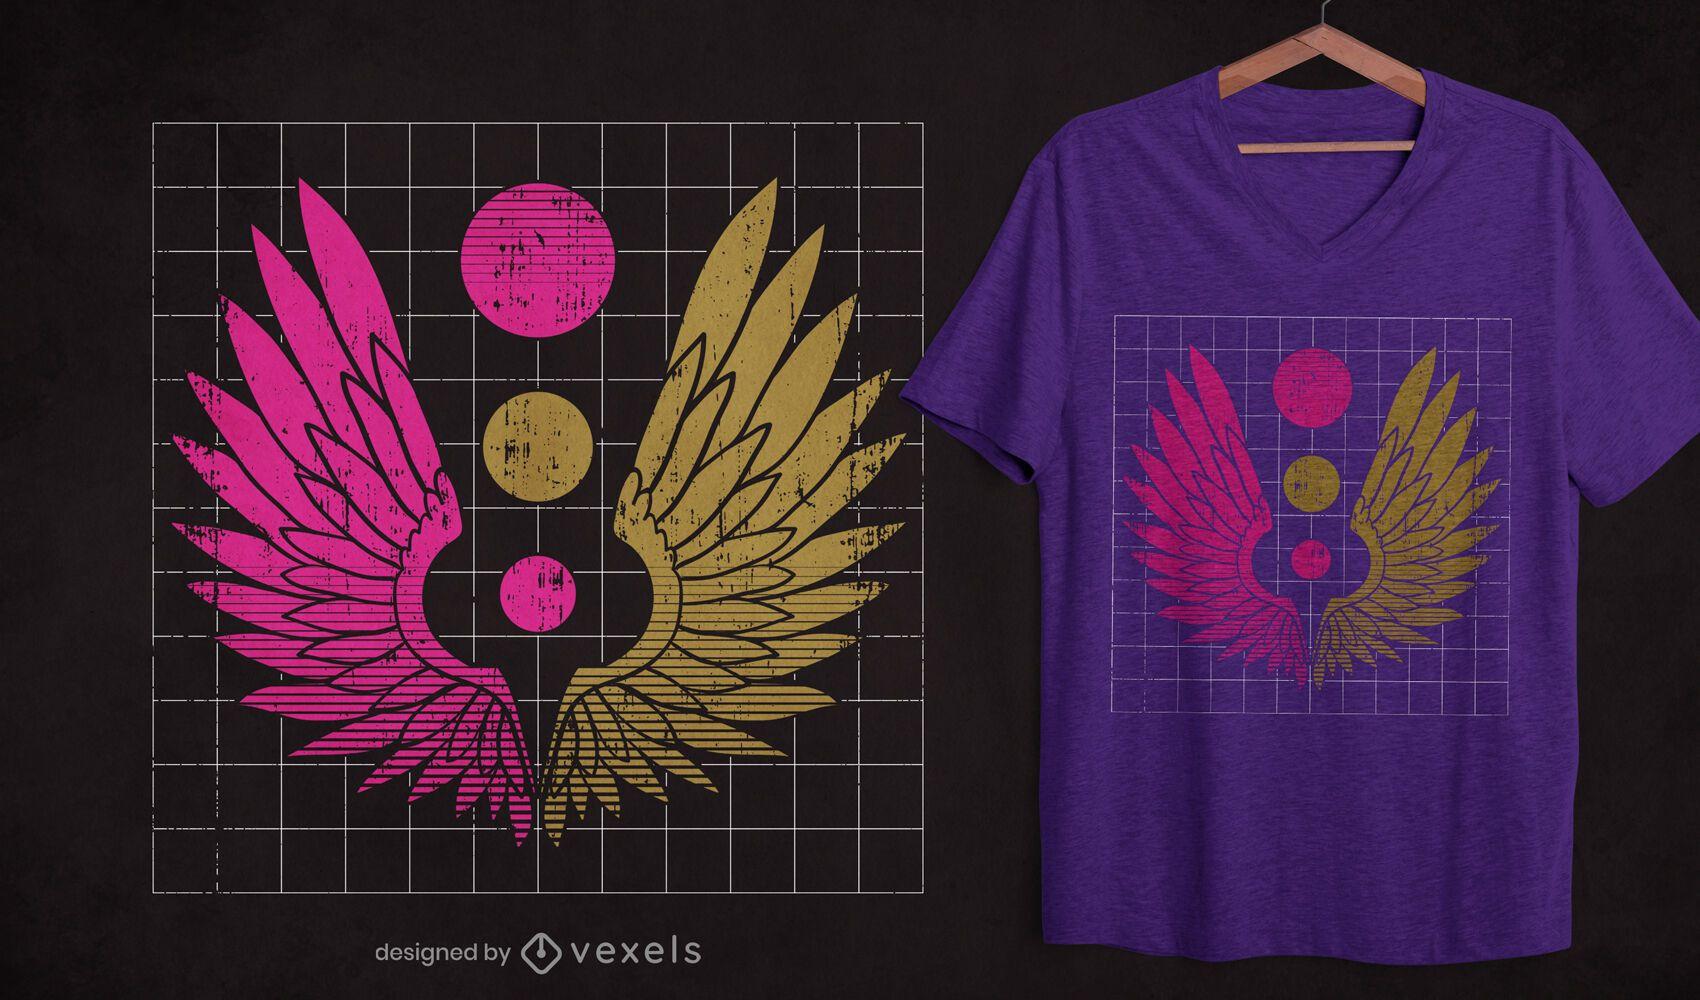 Grunge wings t-shirt design